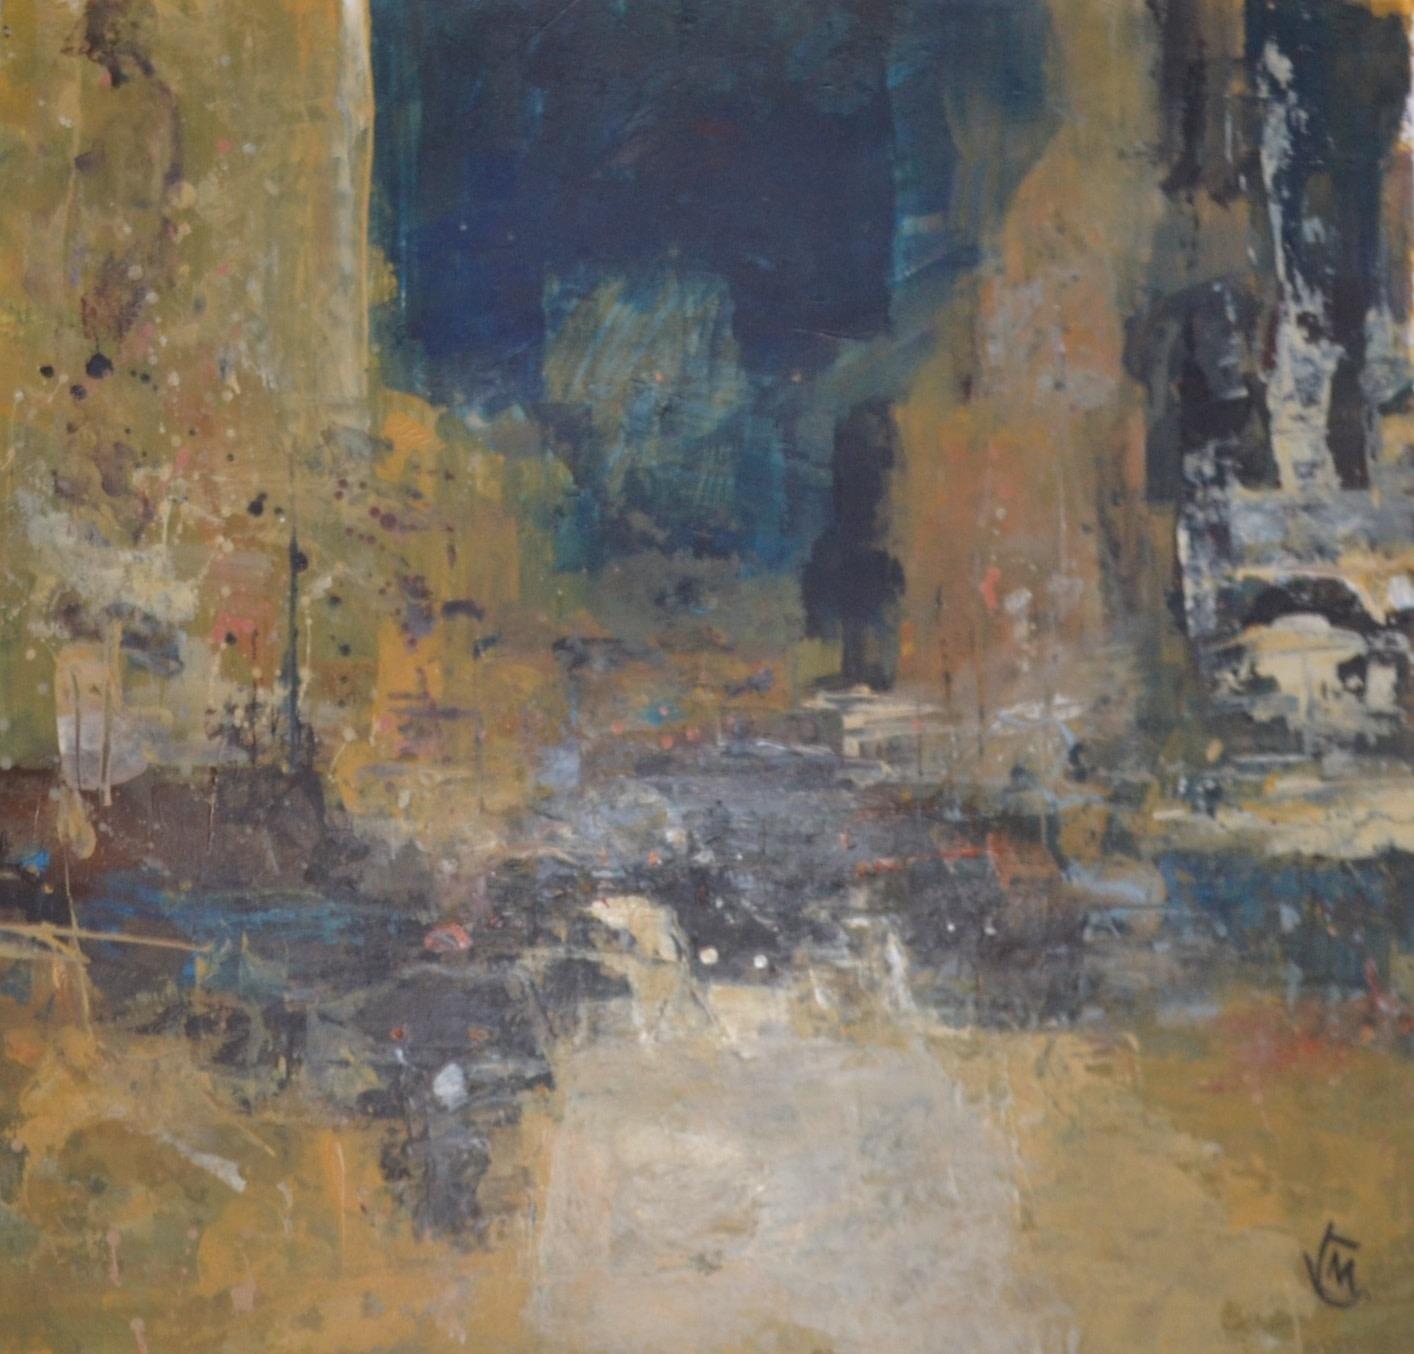 <span class=&#34;link fancybox-details-link&#34;><a href=&#34;/exhibitions/24/works/artworks_standalone10745/&#34;>View Detail Page</a></span><div class=&#34;artist&#34;><span class=&#34;artist&#34;><strong>Colin Merrin</strong></span></div><div class=&#34;title&#34;><em>Composition 224</em></div><div class=&#34;medium&#34;>watercolour</div><div class=&#34;dimensions&#34;>52x52cm</div>